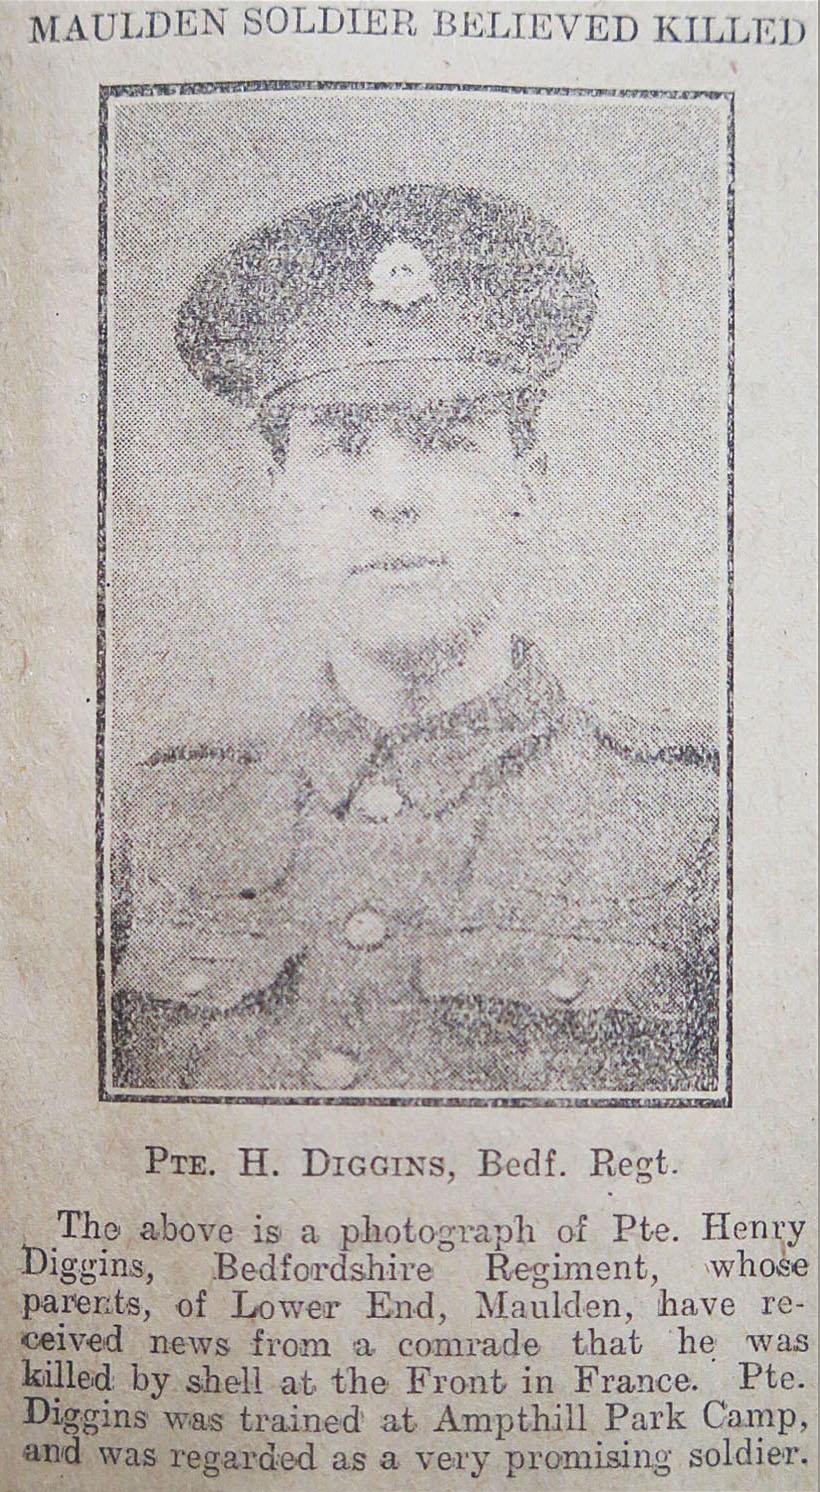 1916-12-01-bs-harry-diggins